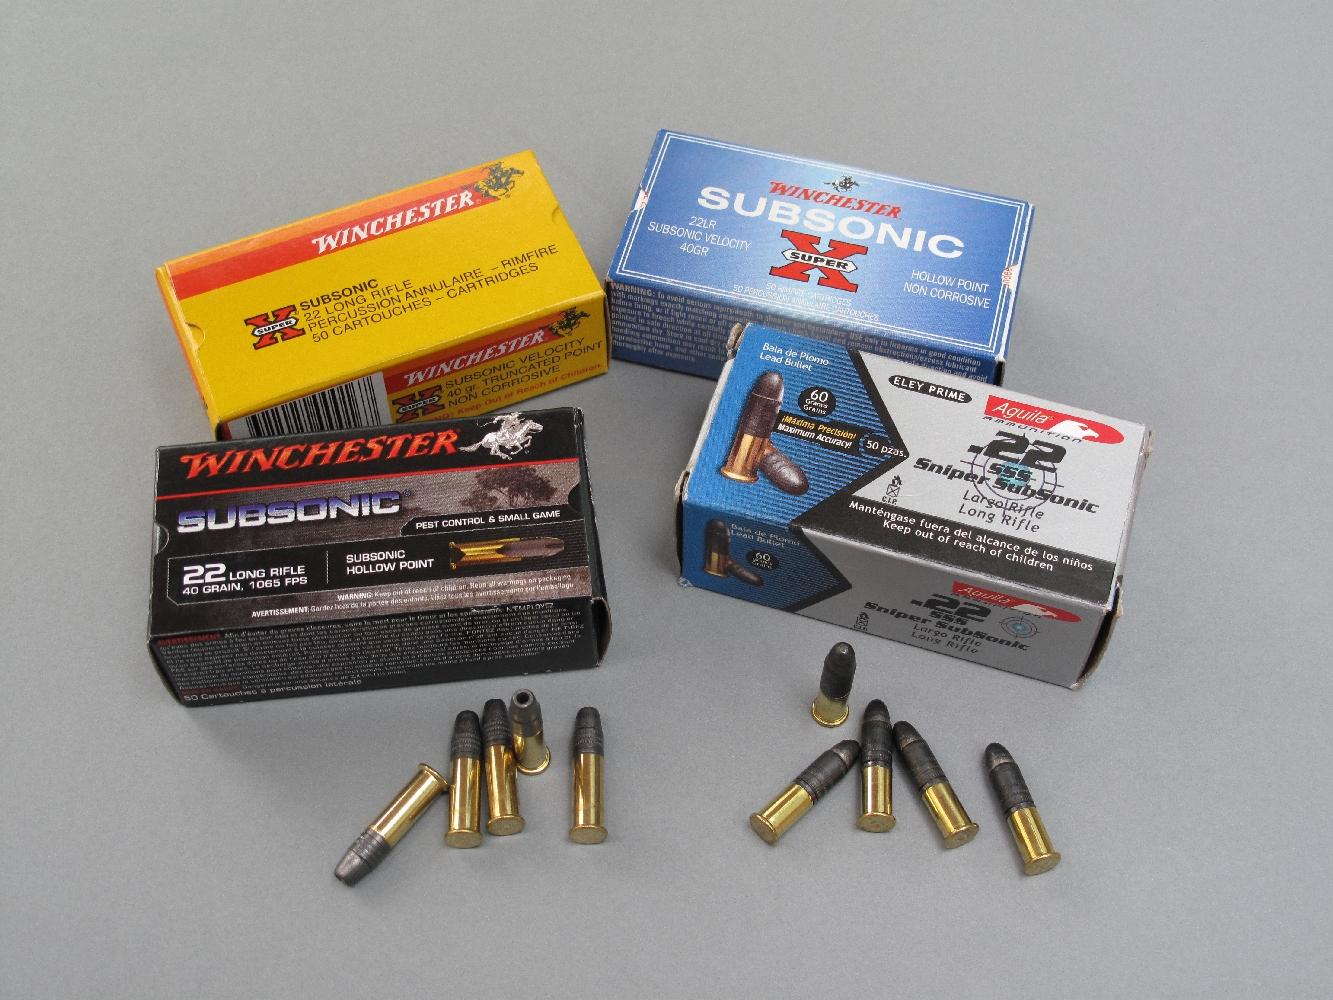 Les cartouches subsoniques sont elles fondamentalement différentes des autres munitions de calibre .22 Long Rifle ? Non en ce qui concerne la plupart d'entre-elles, à l'exception toutefois des Aguila .22 SSS qui associent une douille très courte et une balle exceptionnellement longue et lourde...